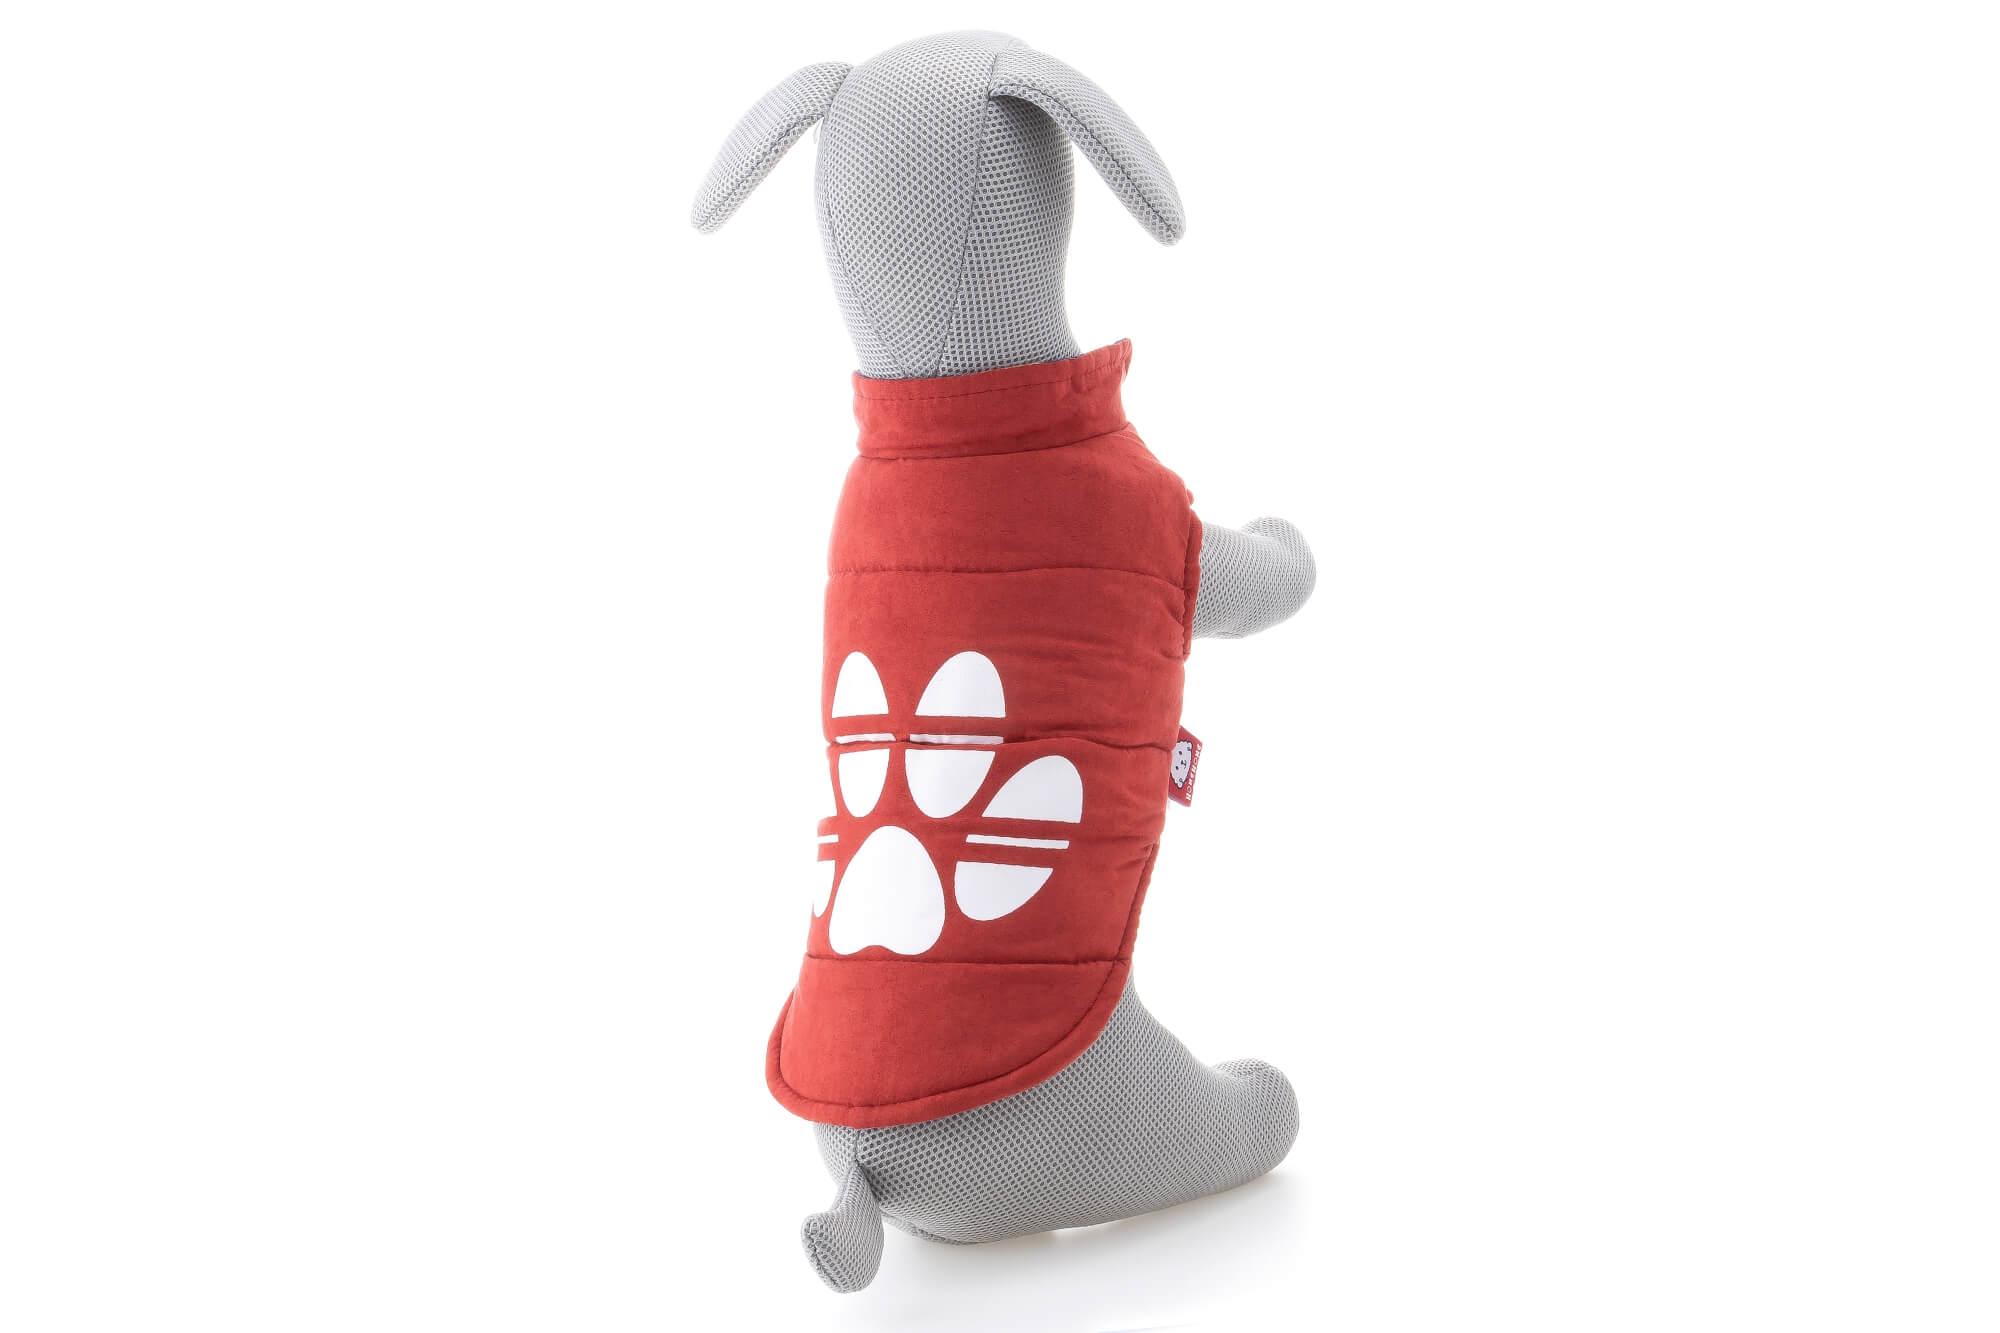 Levně Vsepropejska Judo oboustranná bunda pro psa Barva: Oranžová, Délka zad psa: 32 cm, Obvod hrudníku: 42 - 46 cm